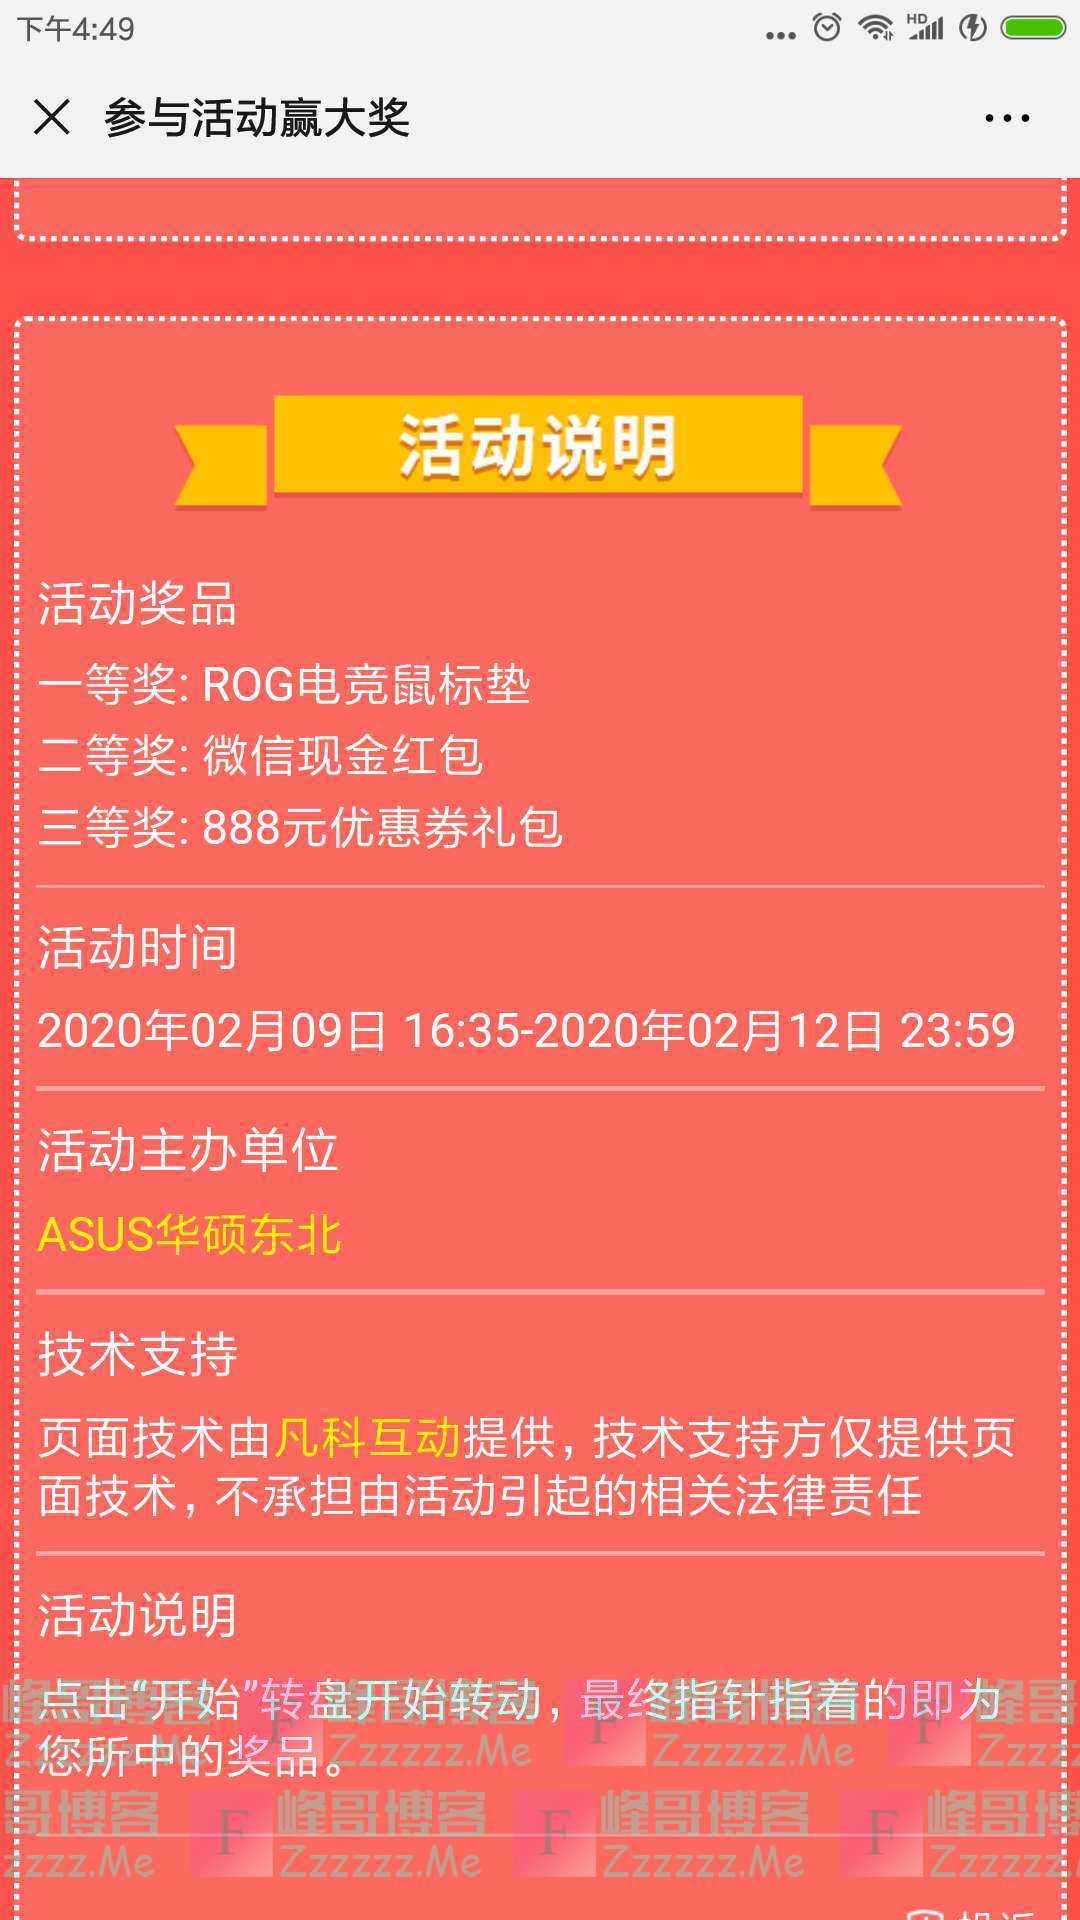 ASUS华硕东北新一期抽红包(截止2月12日)